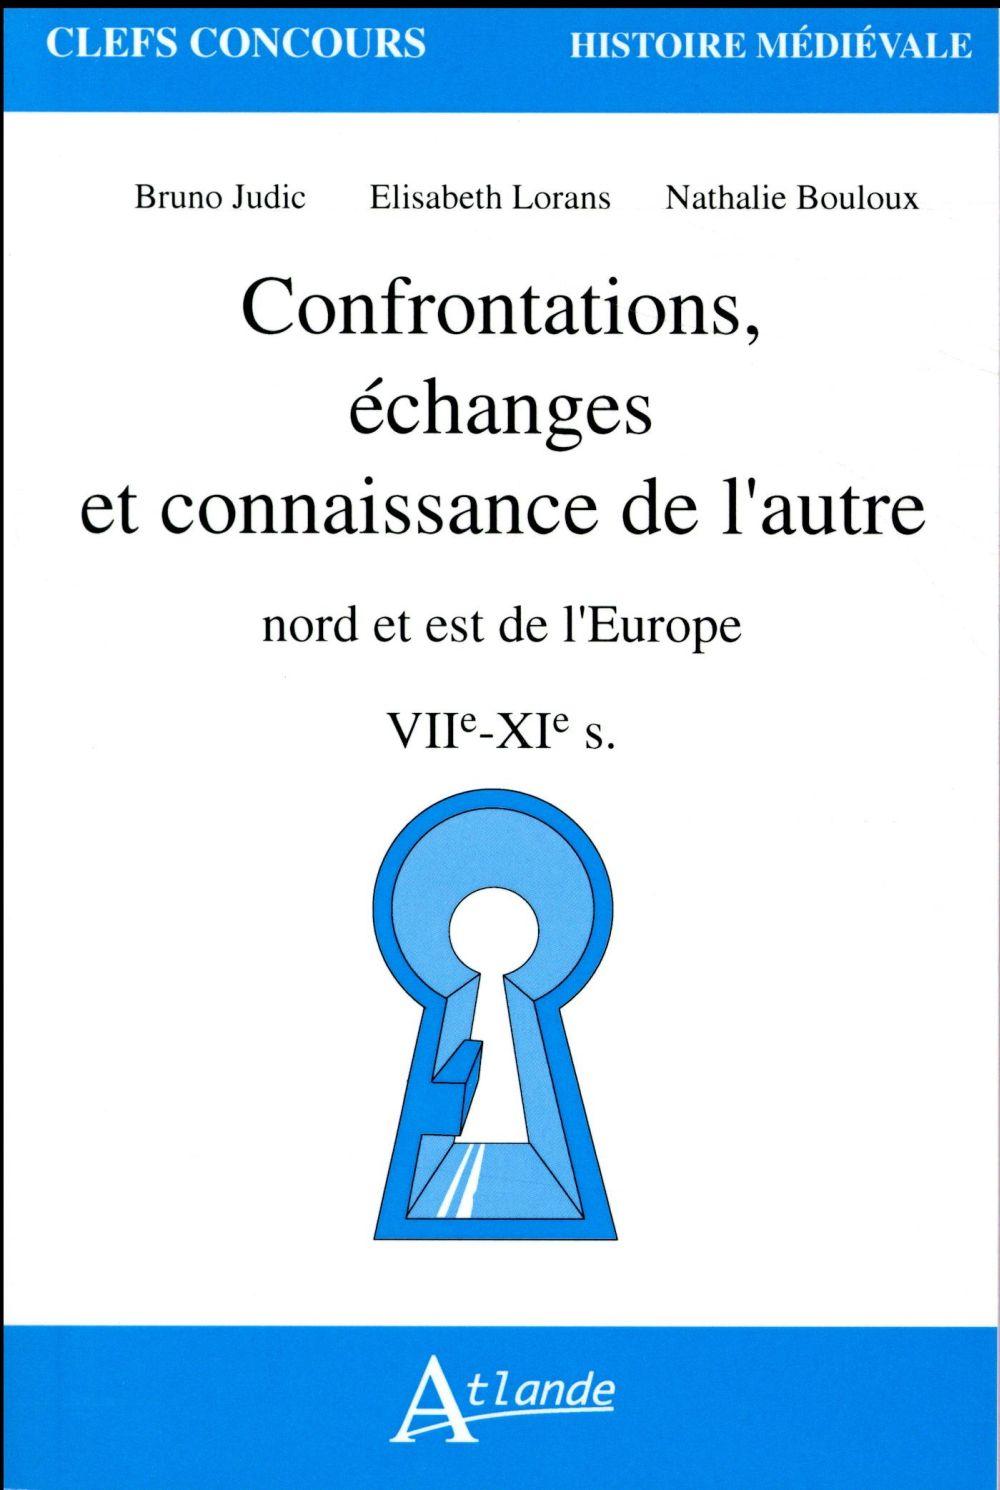 Confrontations, échanges et connaissance de l'autre ; Nord et Est de l'Europe, VIIe-XIe s.